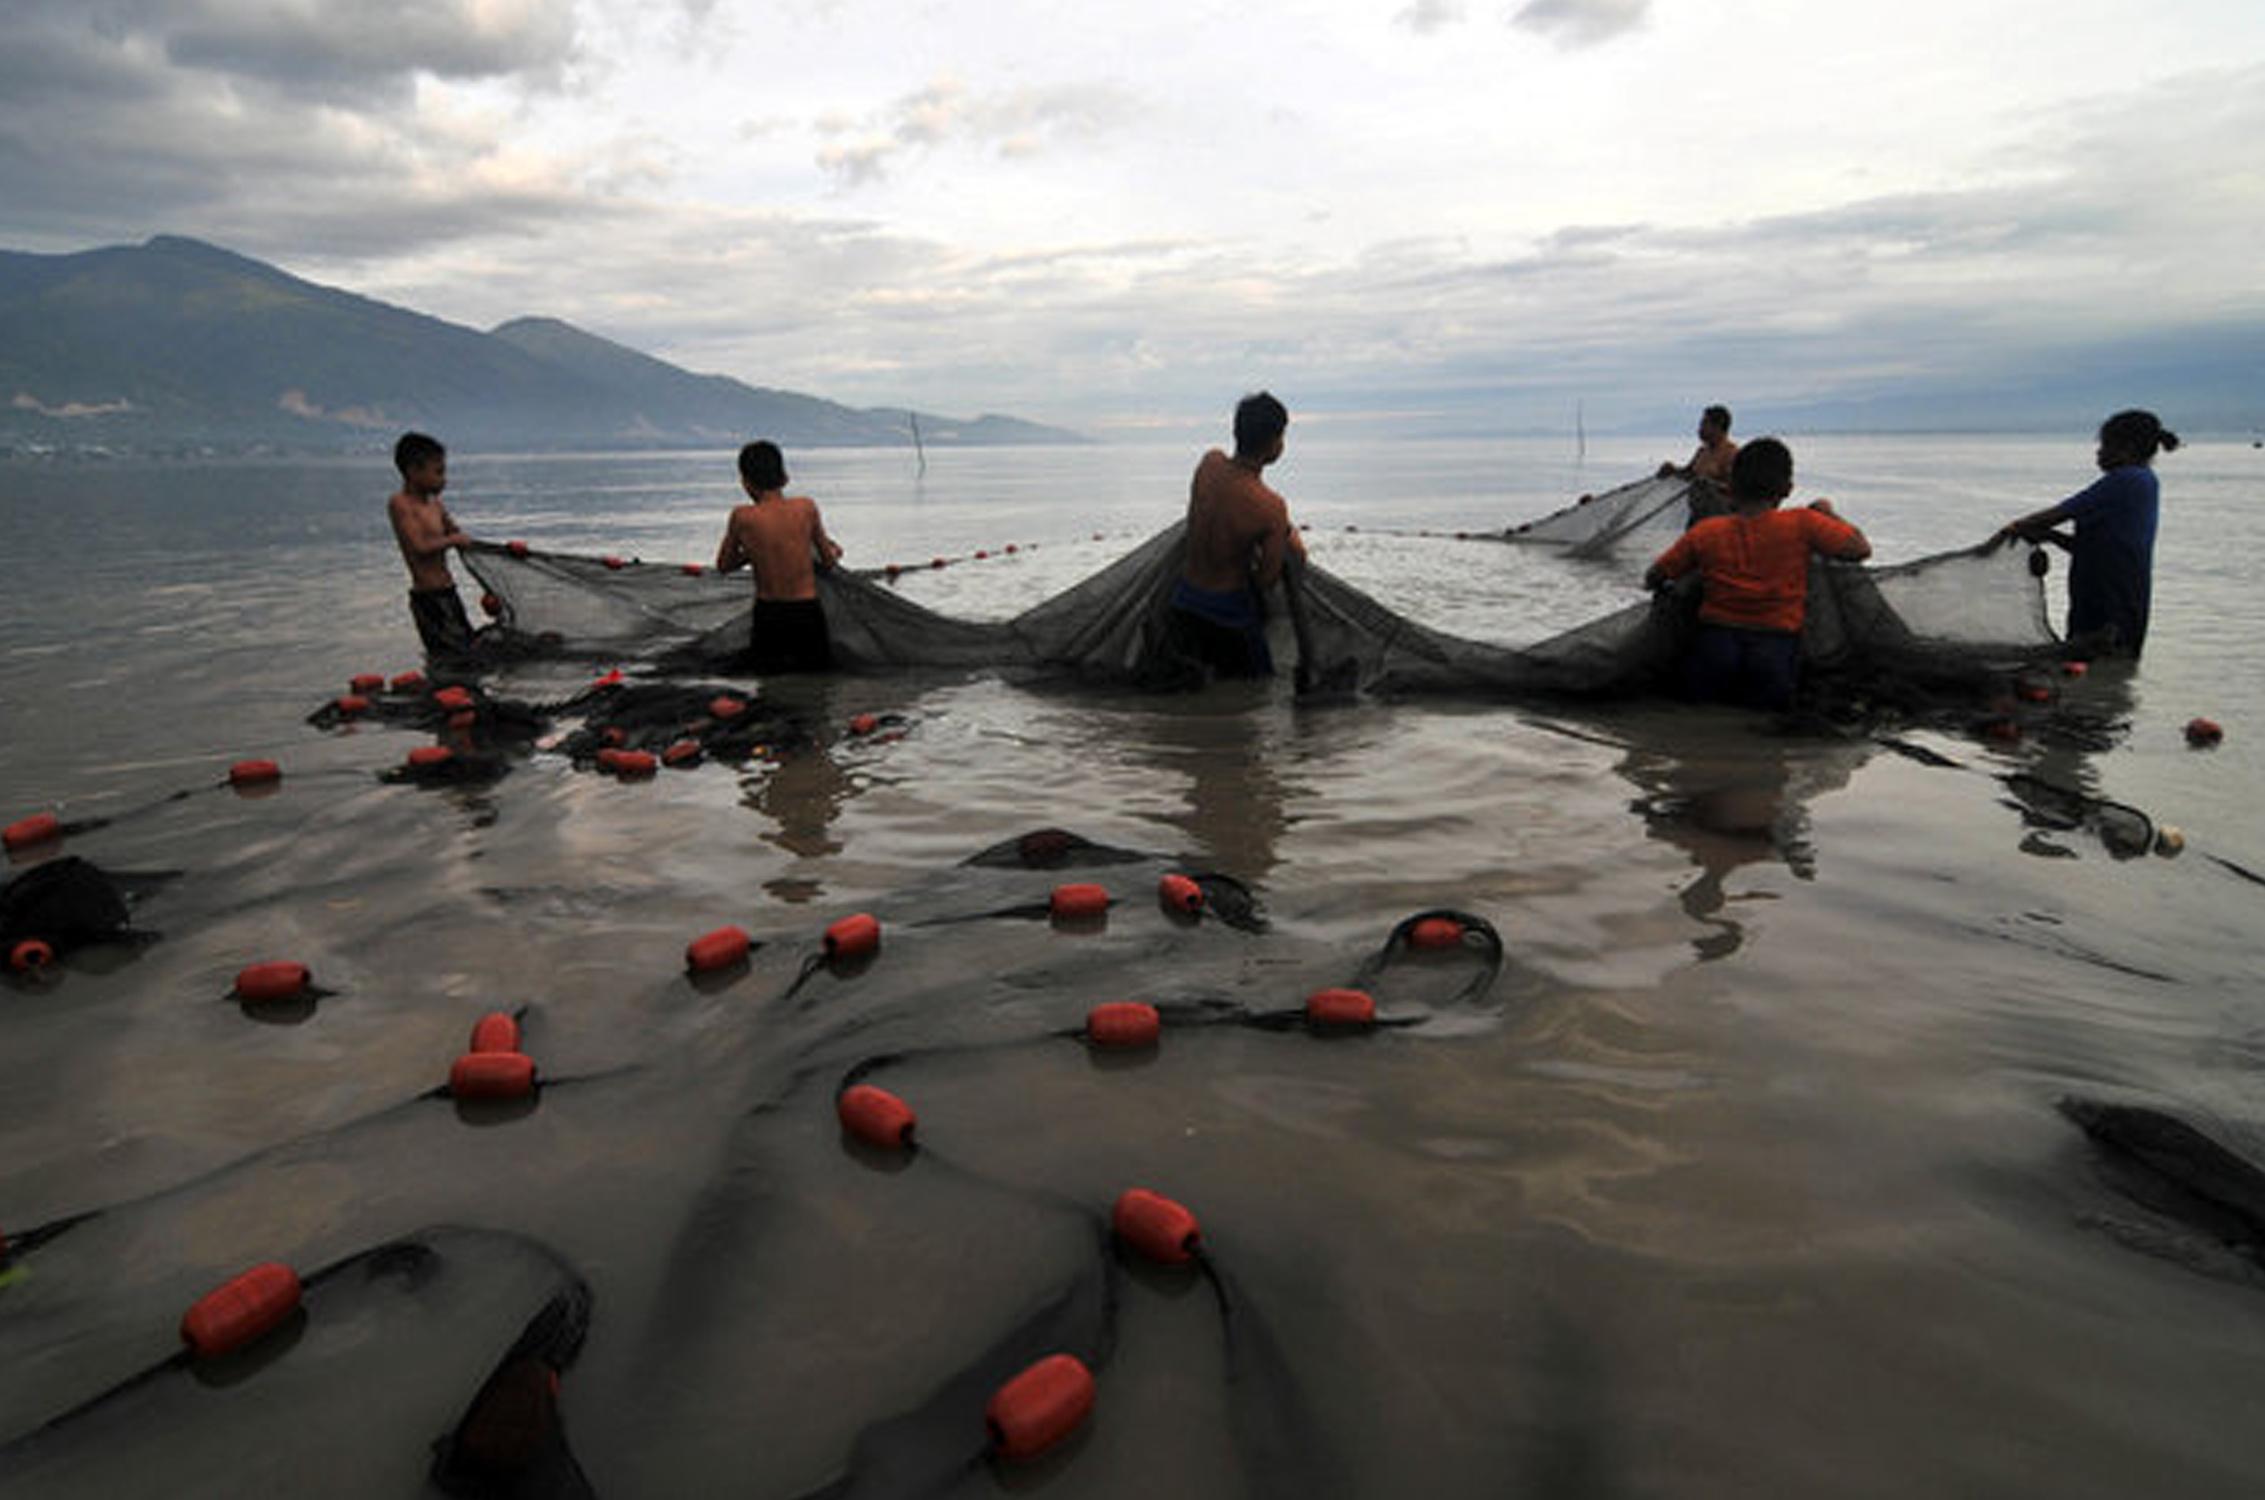 Indonesia đòi công ty Thái Lan bồi thường 2 tỷ USD vì làm tràn dầu xuống biển Timor